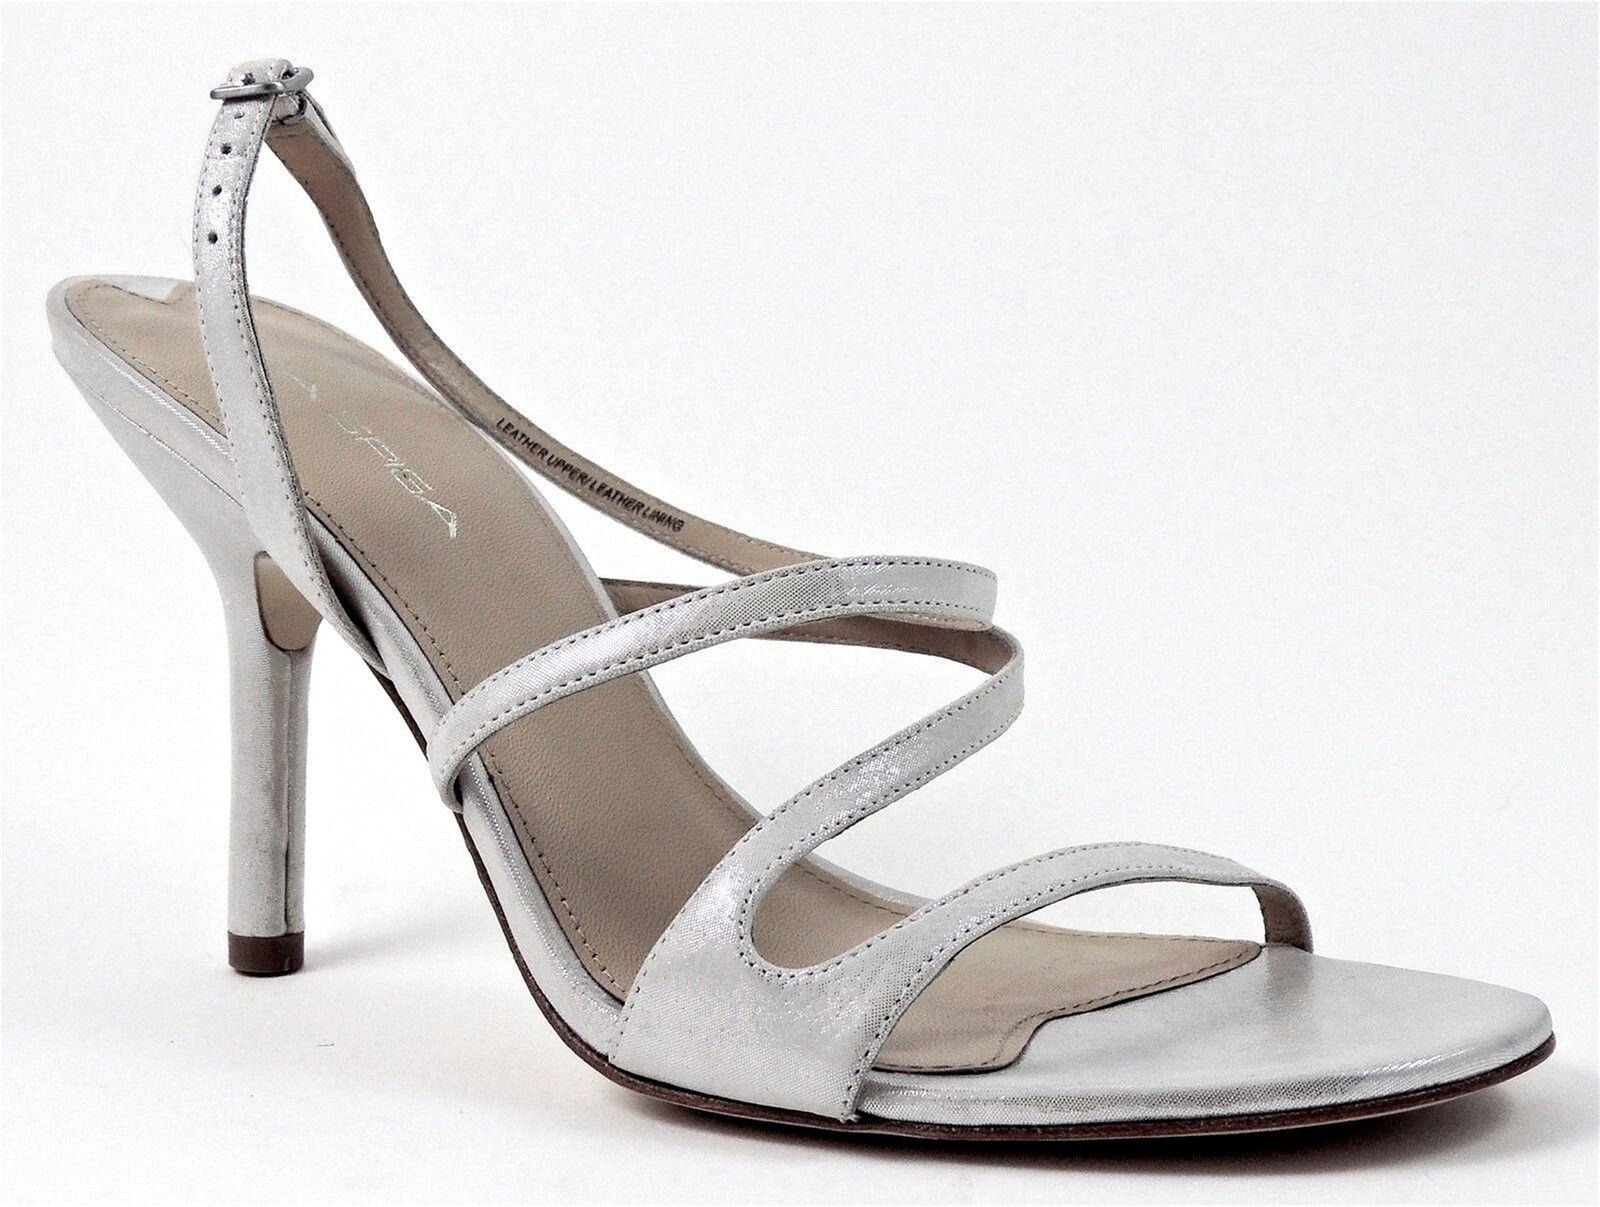 Via Spiga vestido para mujer de felicidad Charol Cuero Nobuck Nobuck Nobuck plata de tamaño 9.5 (B, M)  hermoso